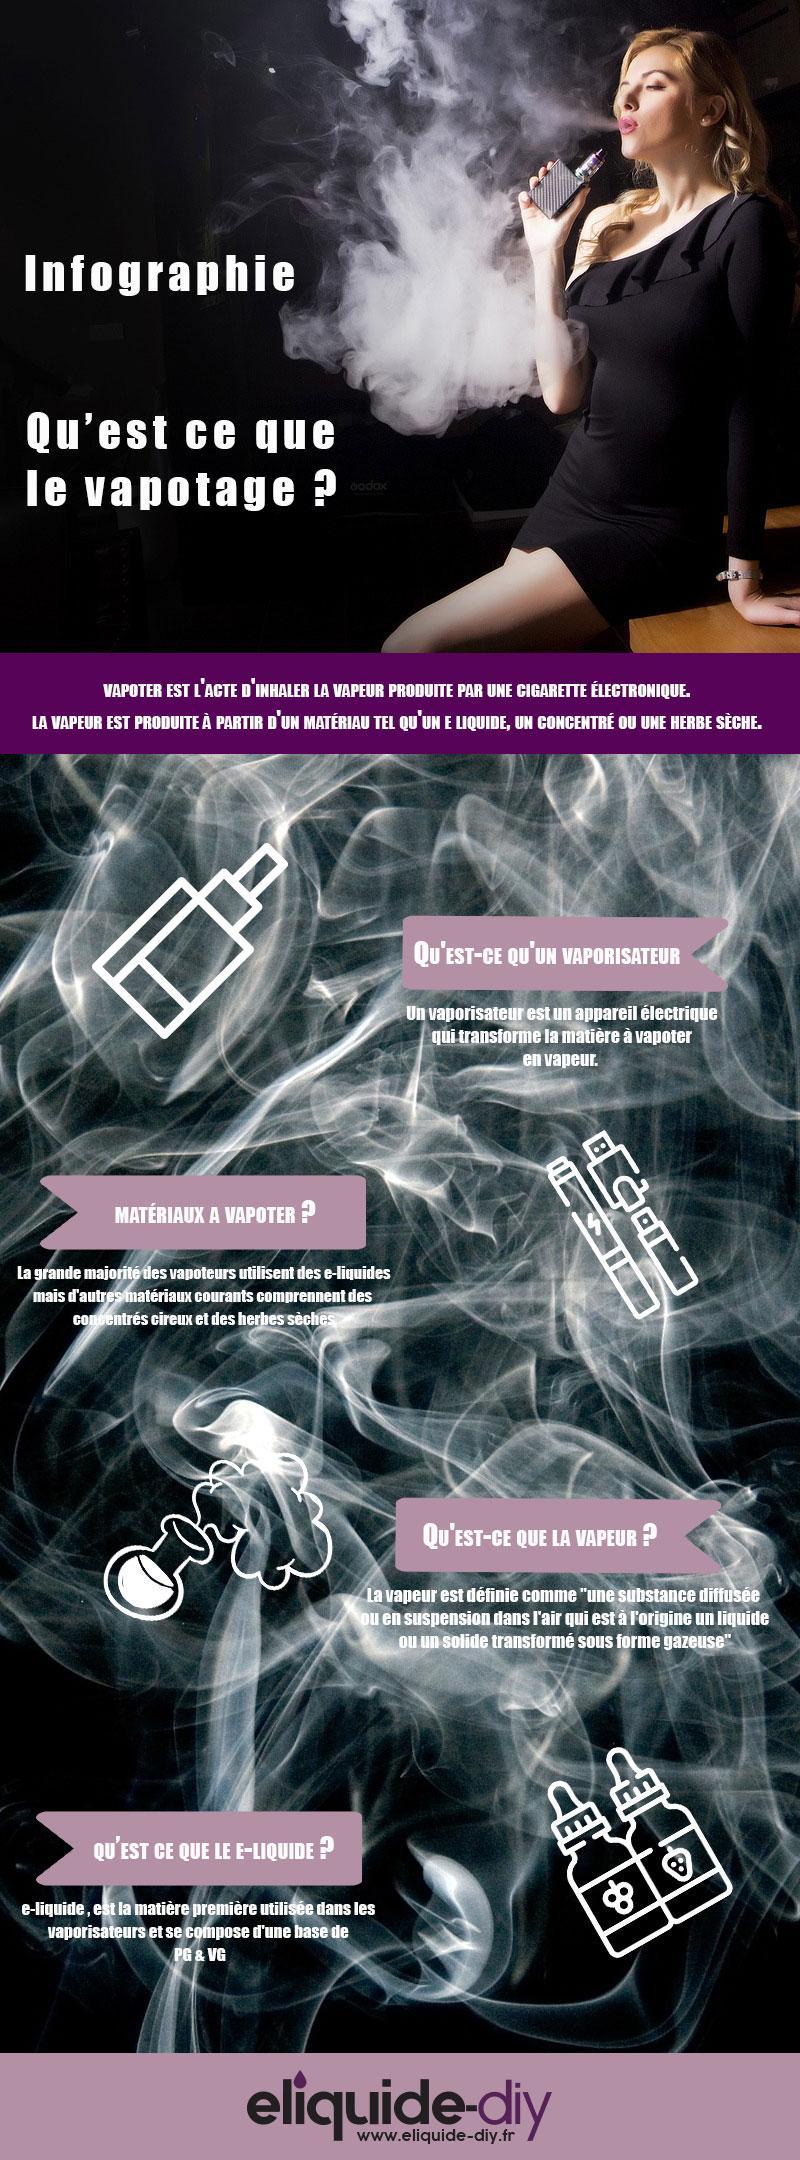 Qu'est-ce que le vapotage / Vaping ? eliquide-DIY.fr